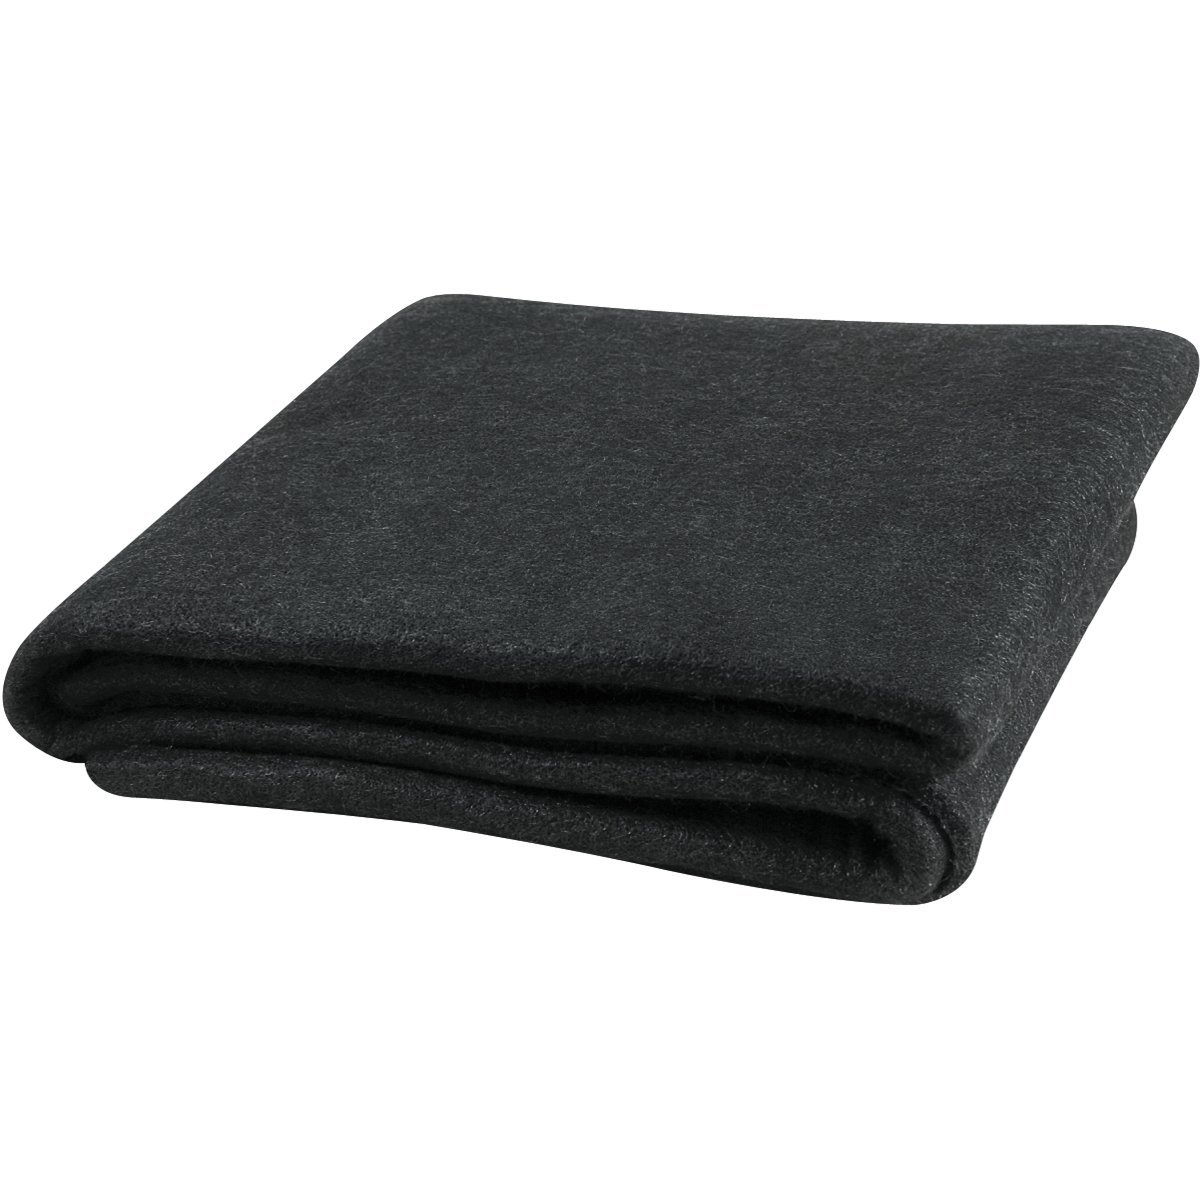 Steiner 316-6X8 Velvet Shield 16 oz Black Carbonized Fiber Welding Blanket, 6' x 8'